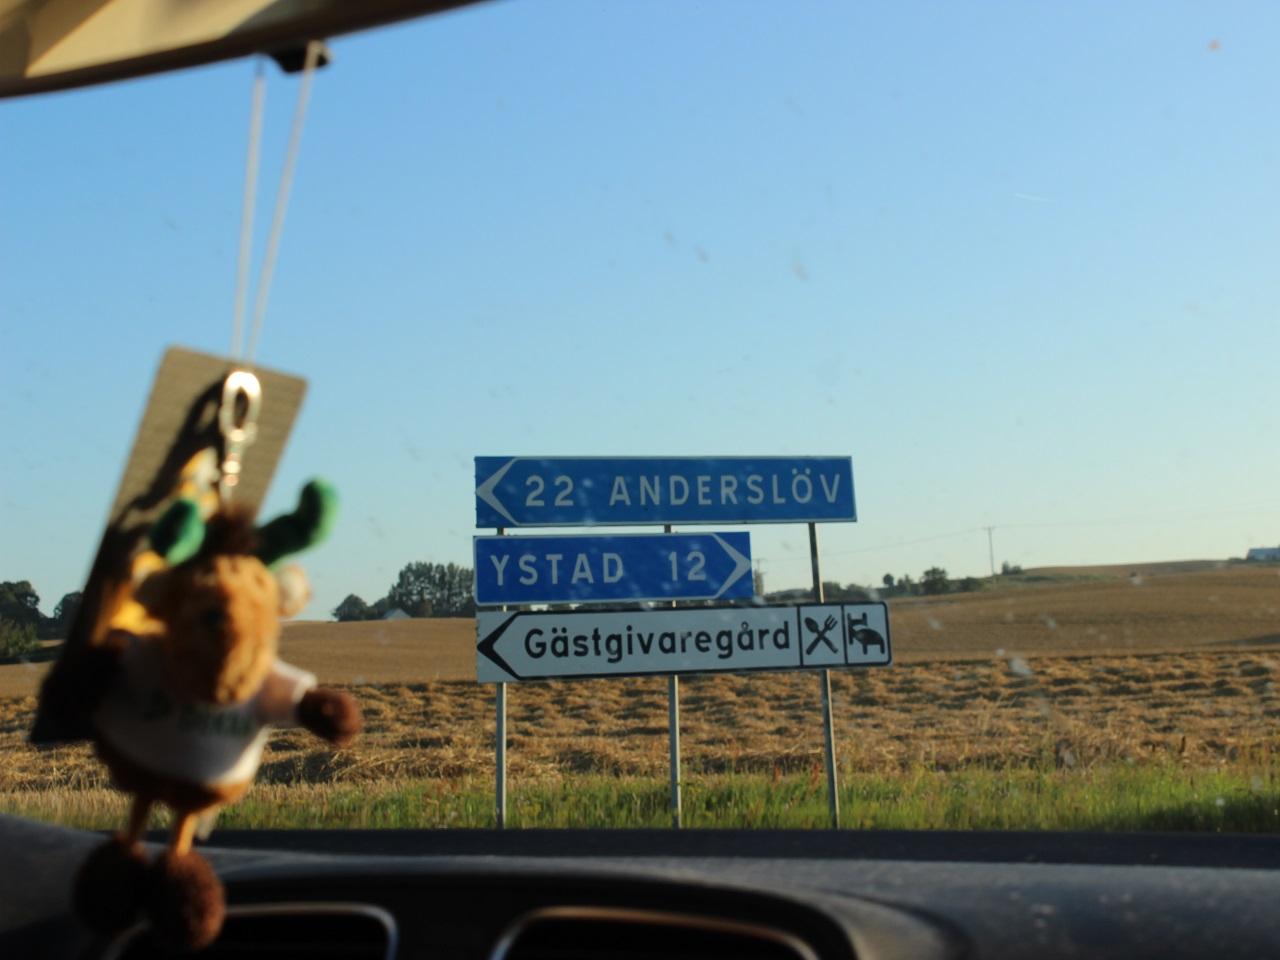 Zwei Brüder auf Roadtrip durch Skandinavien